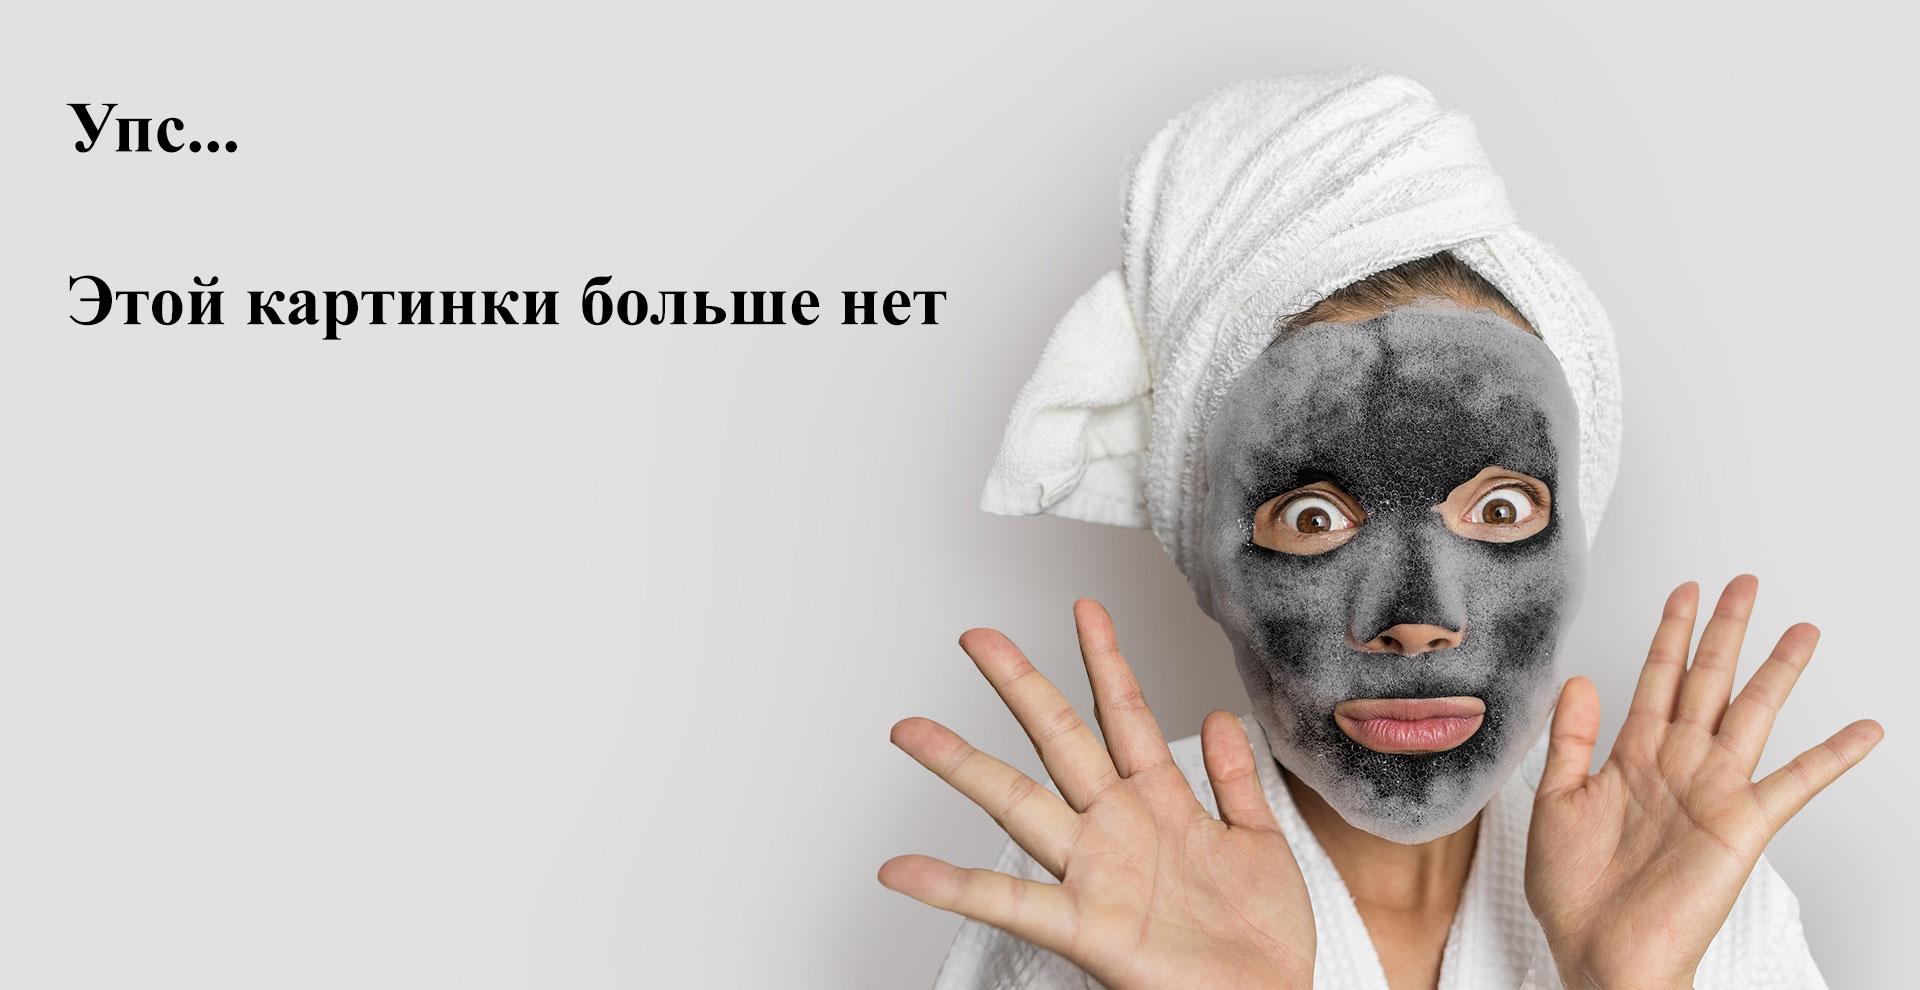 Domix, «Жидкое лезвие», салфетка для удаления натоптышей, мини-саше, 17 г